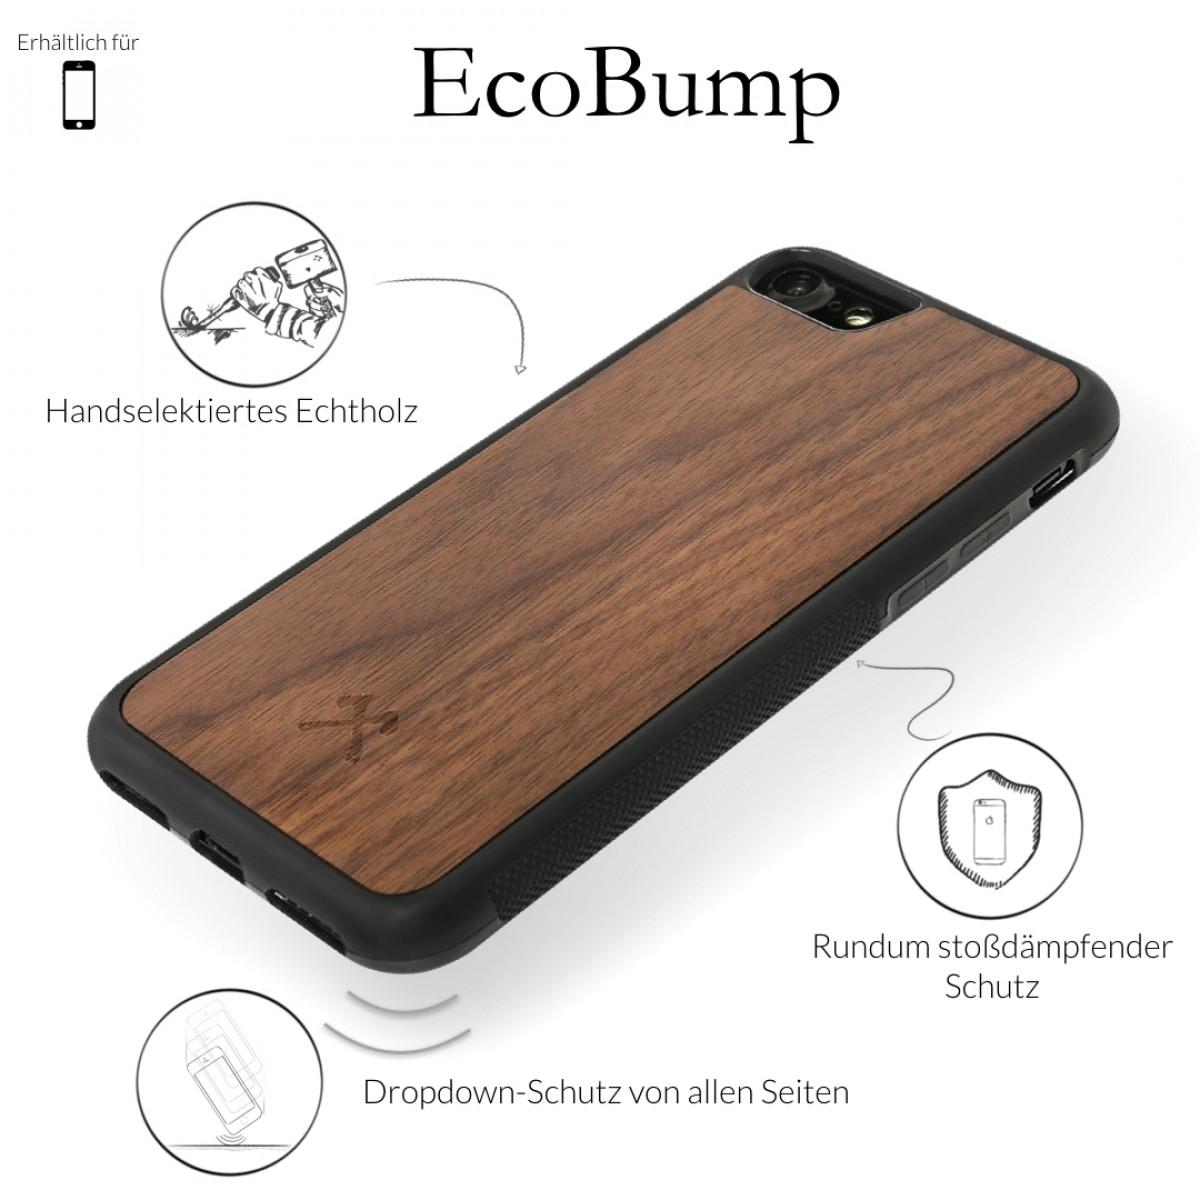 Woodcessories - EcoBump - Premium Design Hülle, Case, Cover, Schutzhülle für das iPhone aus FSC zertifiziertem Walnuss Holz (iPhone 7/ 8)